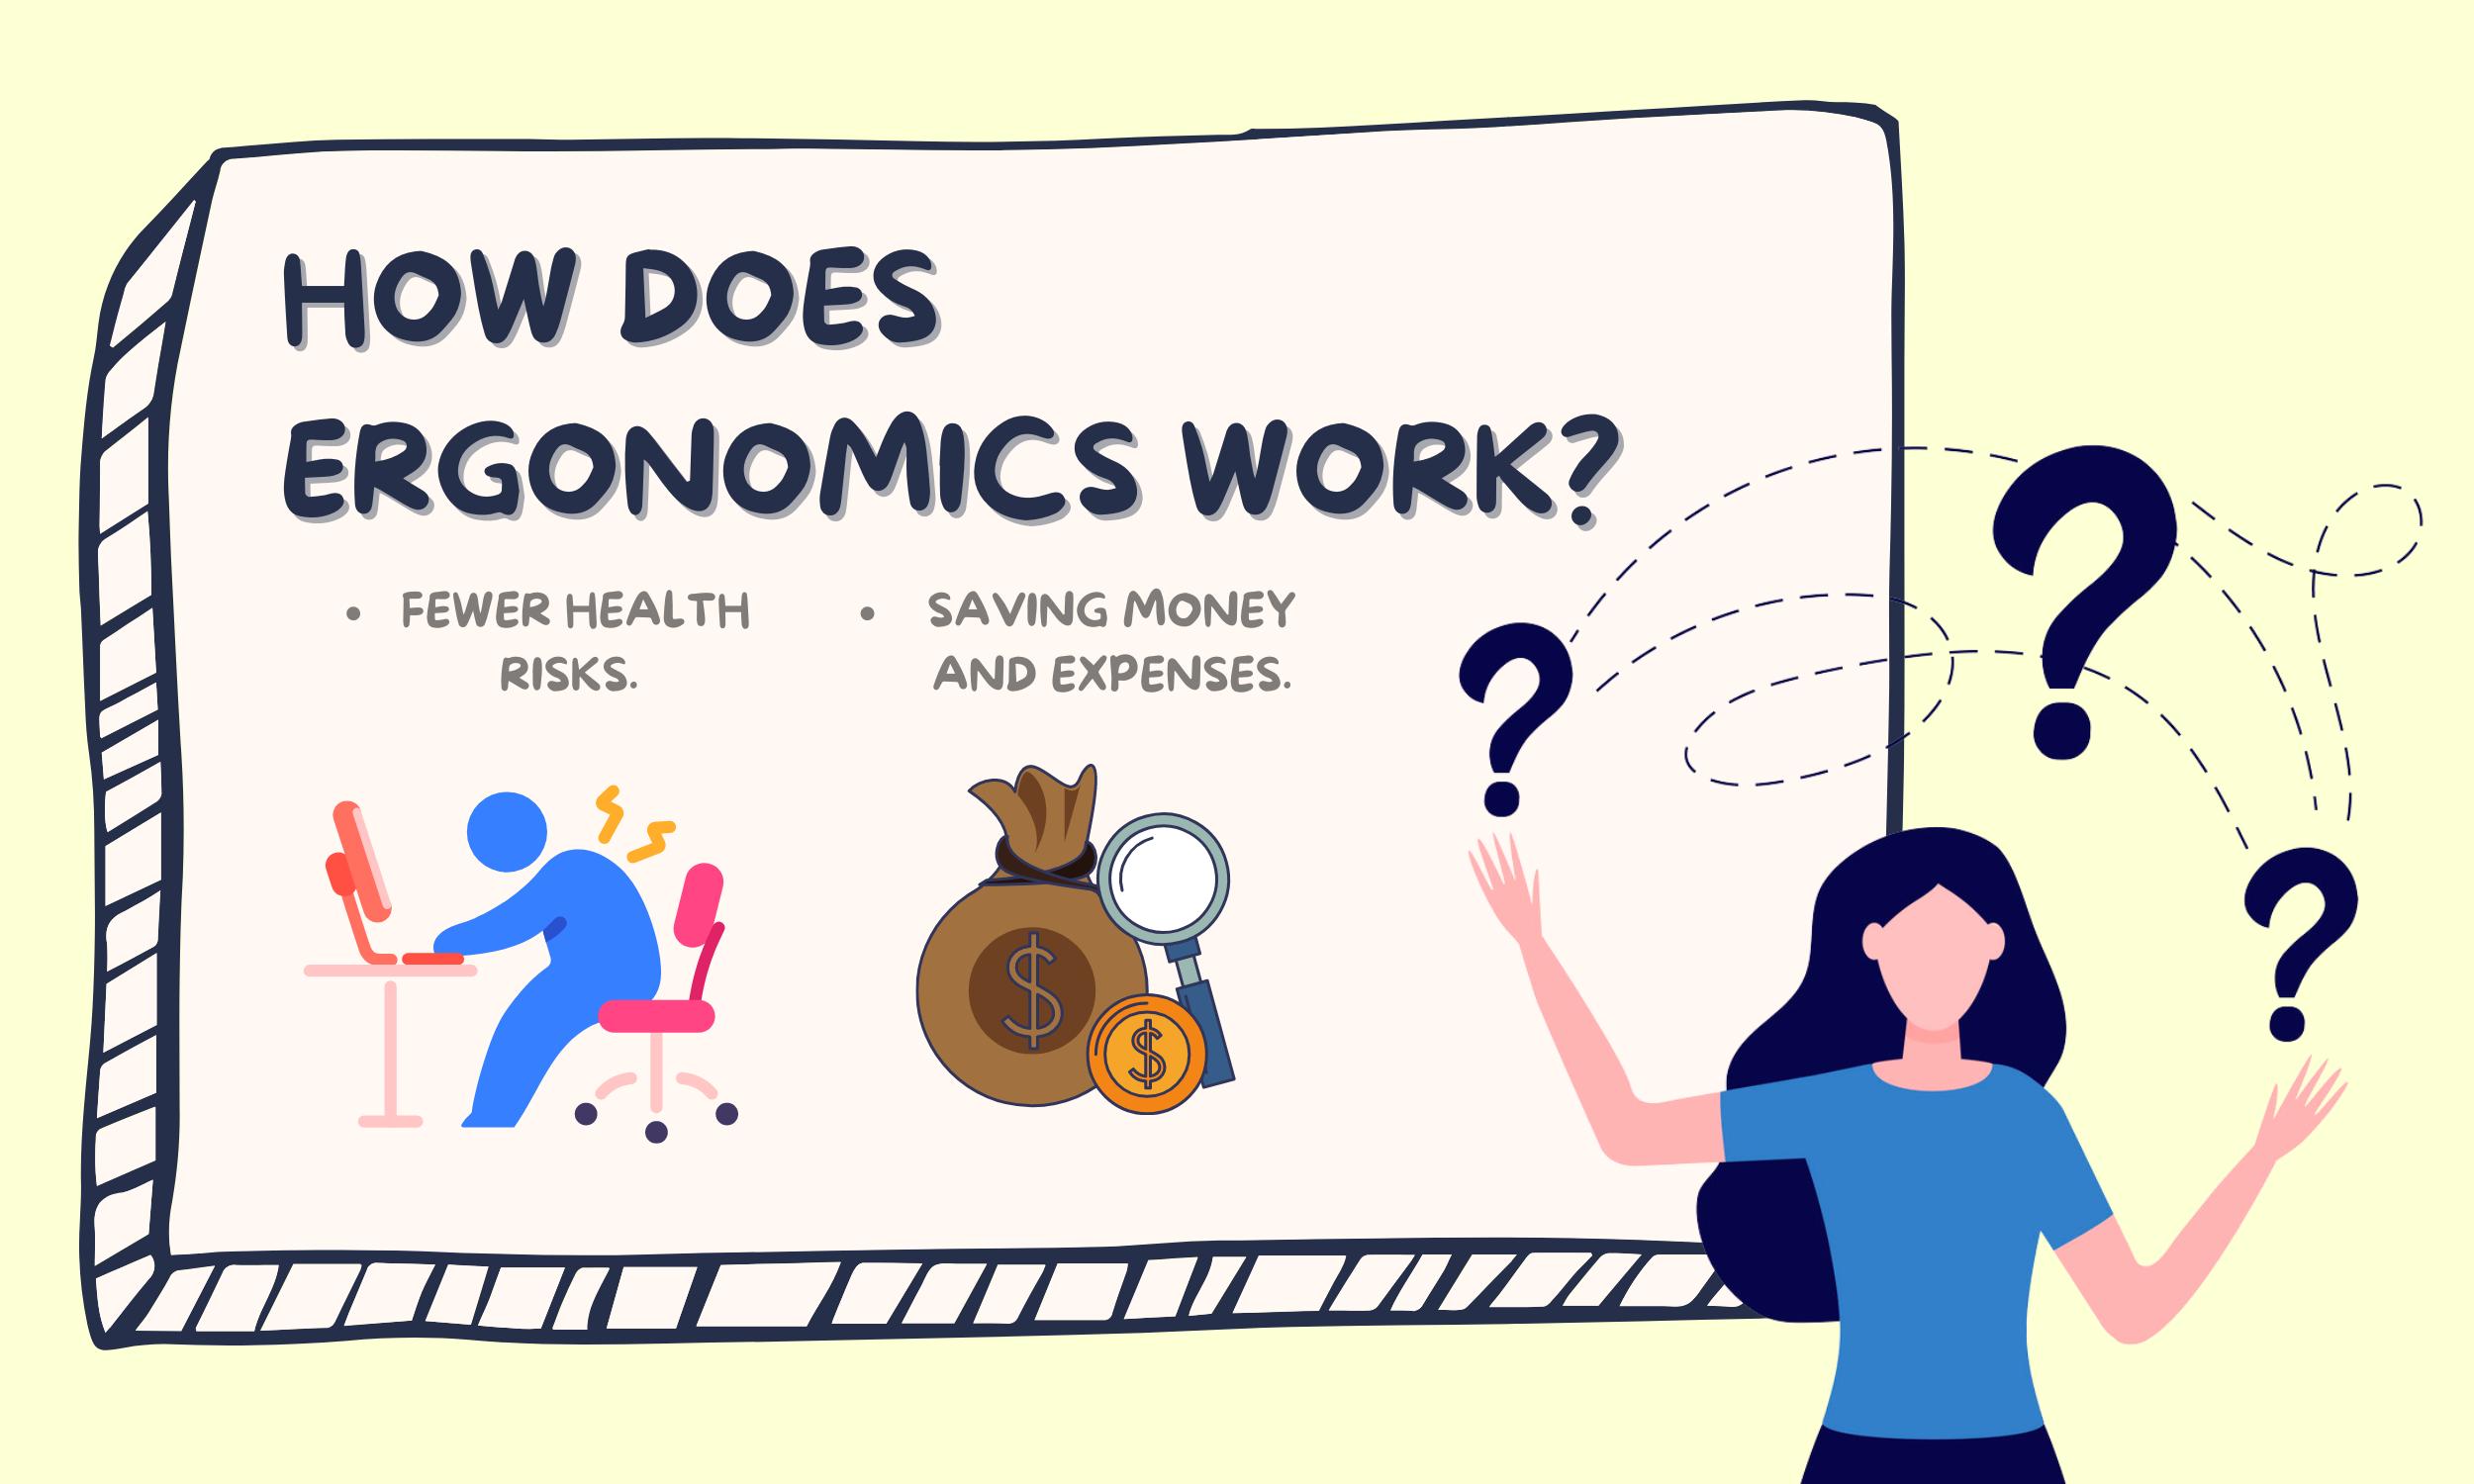 How-does-ergonomics-work